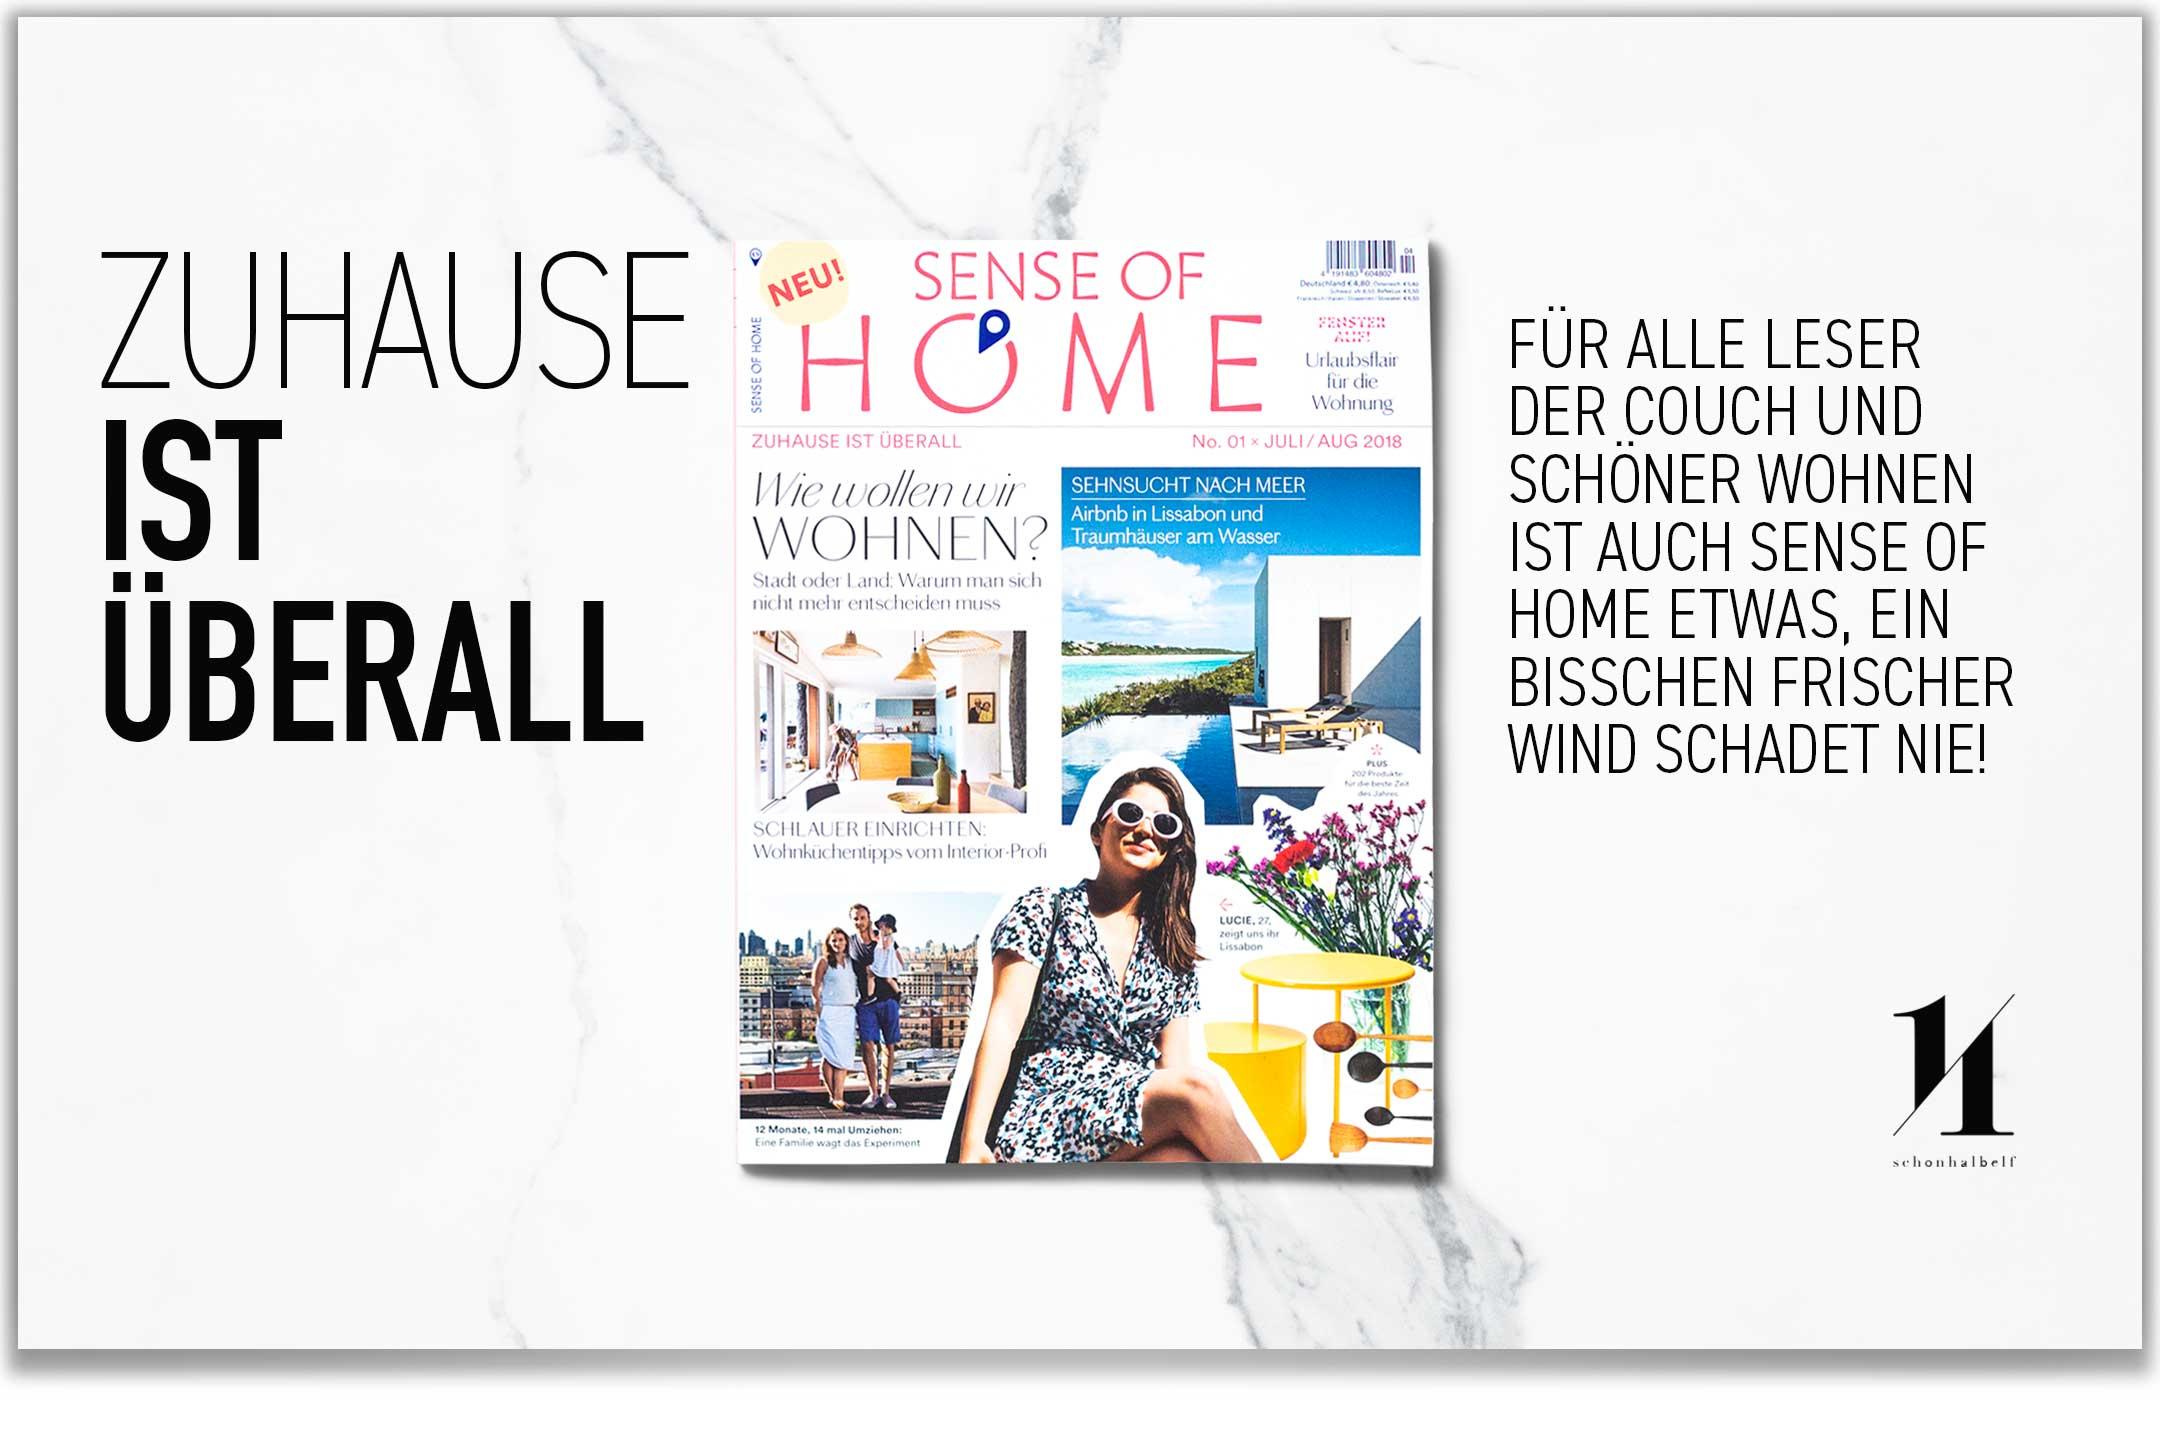 sense-of-home-magazin-schonhalbelf-2